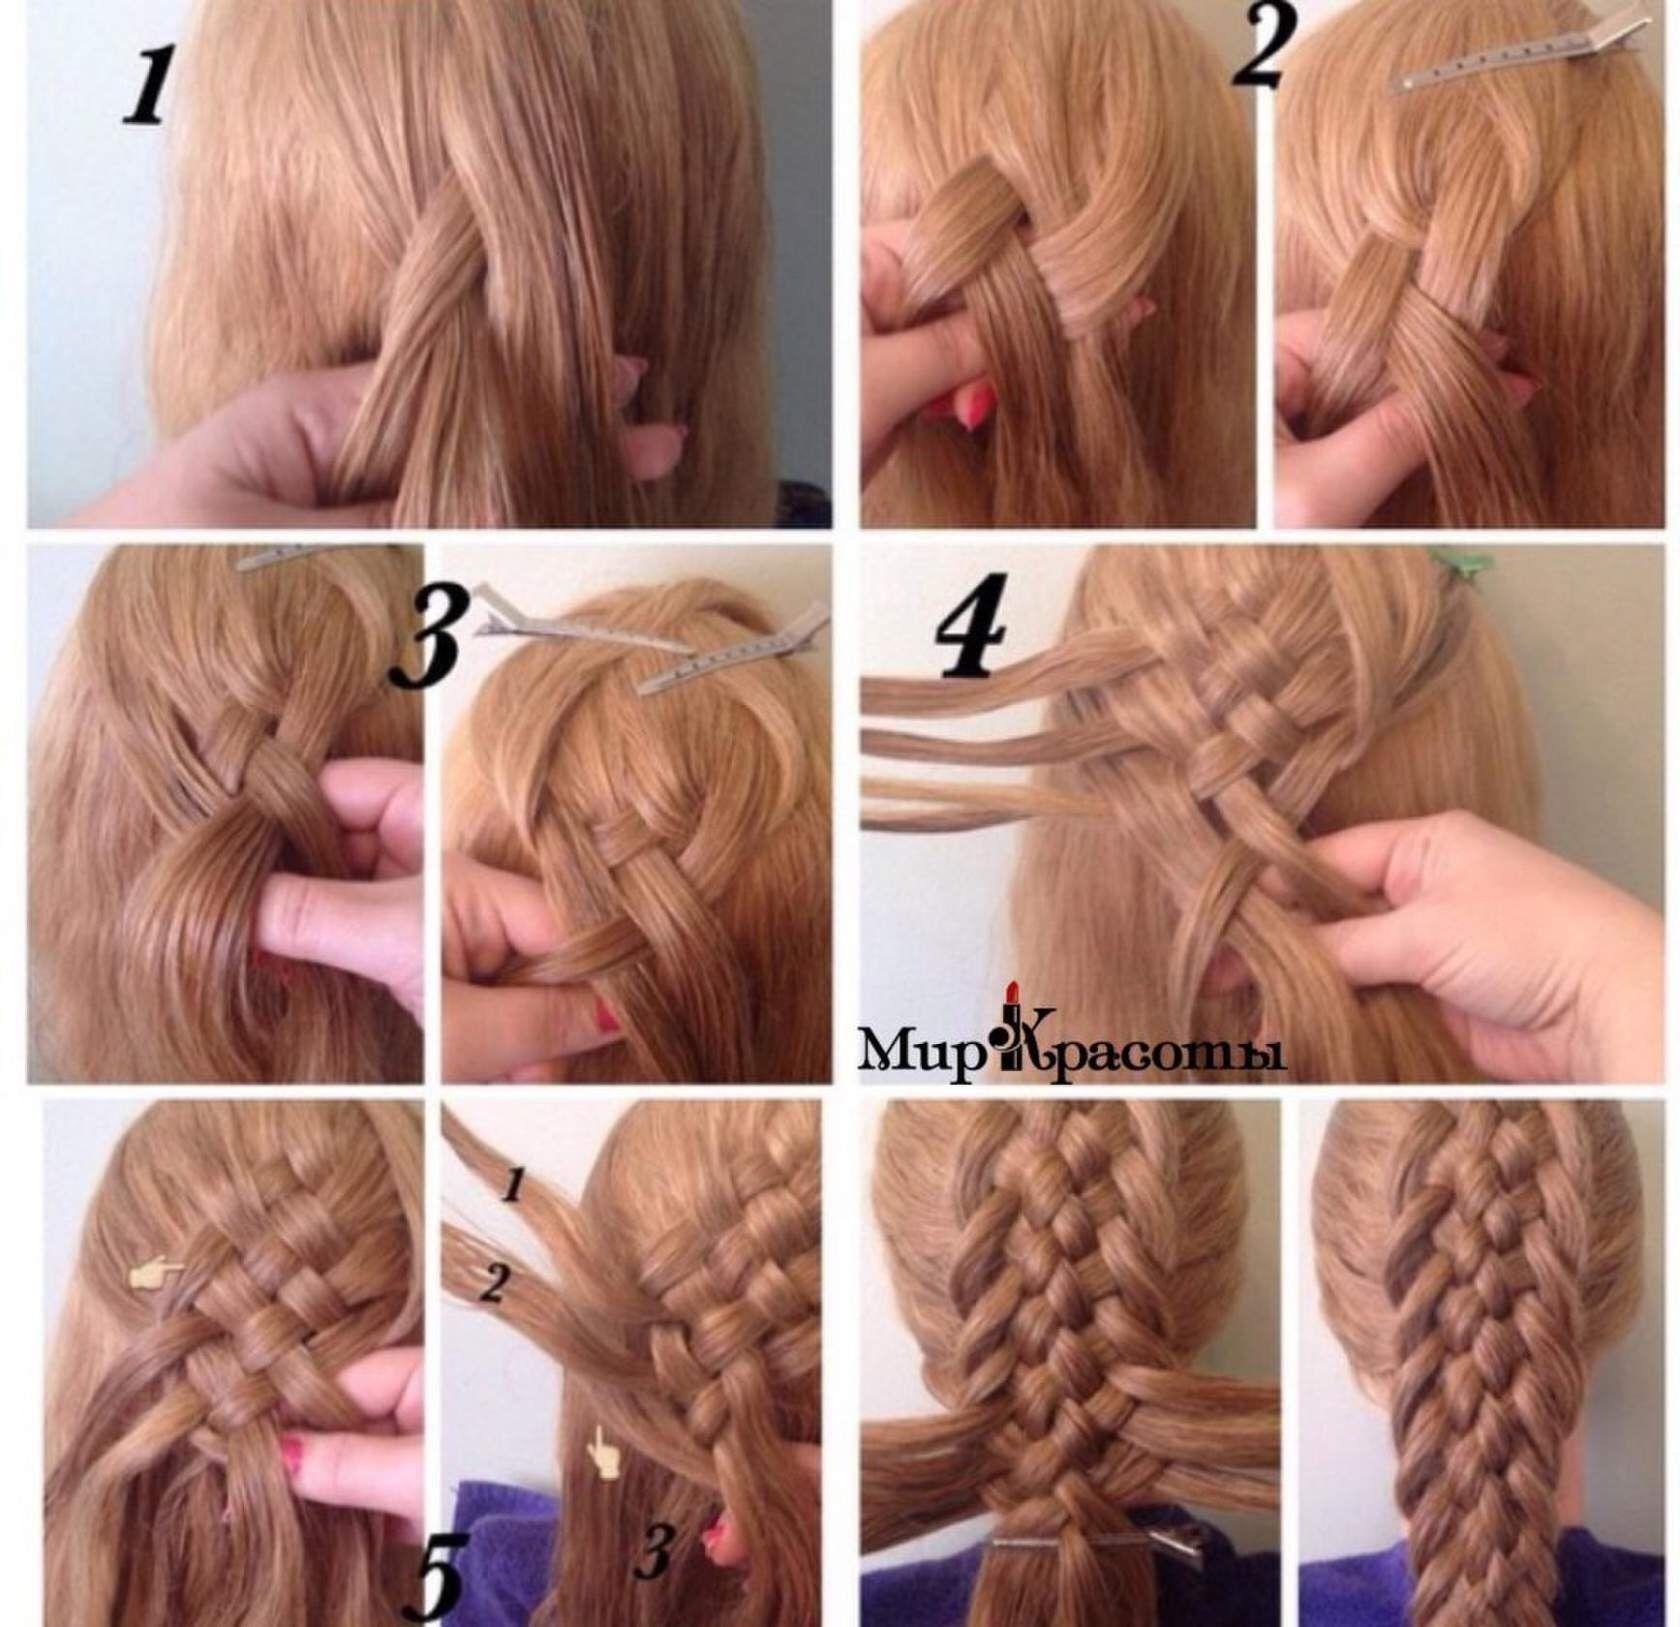 плетение кос картинки по шагам юлия, делала